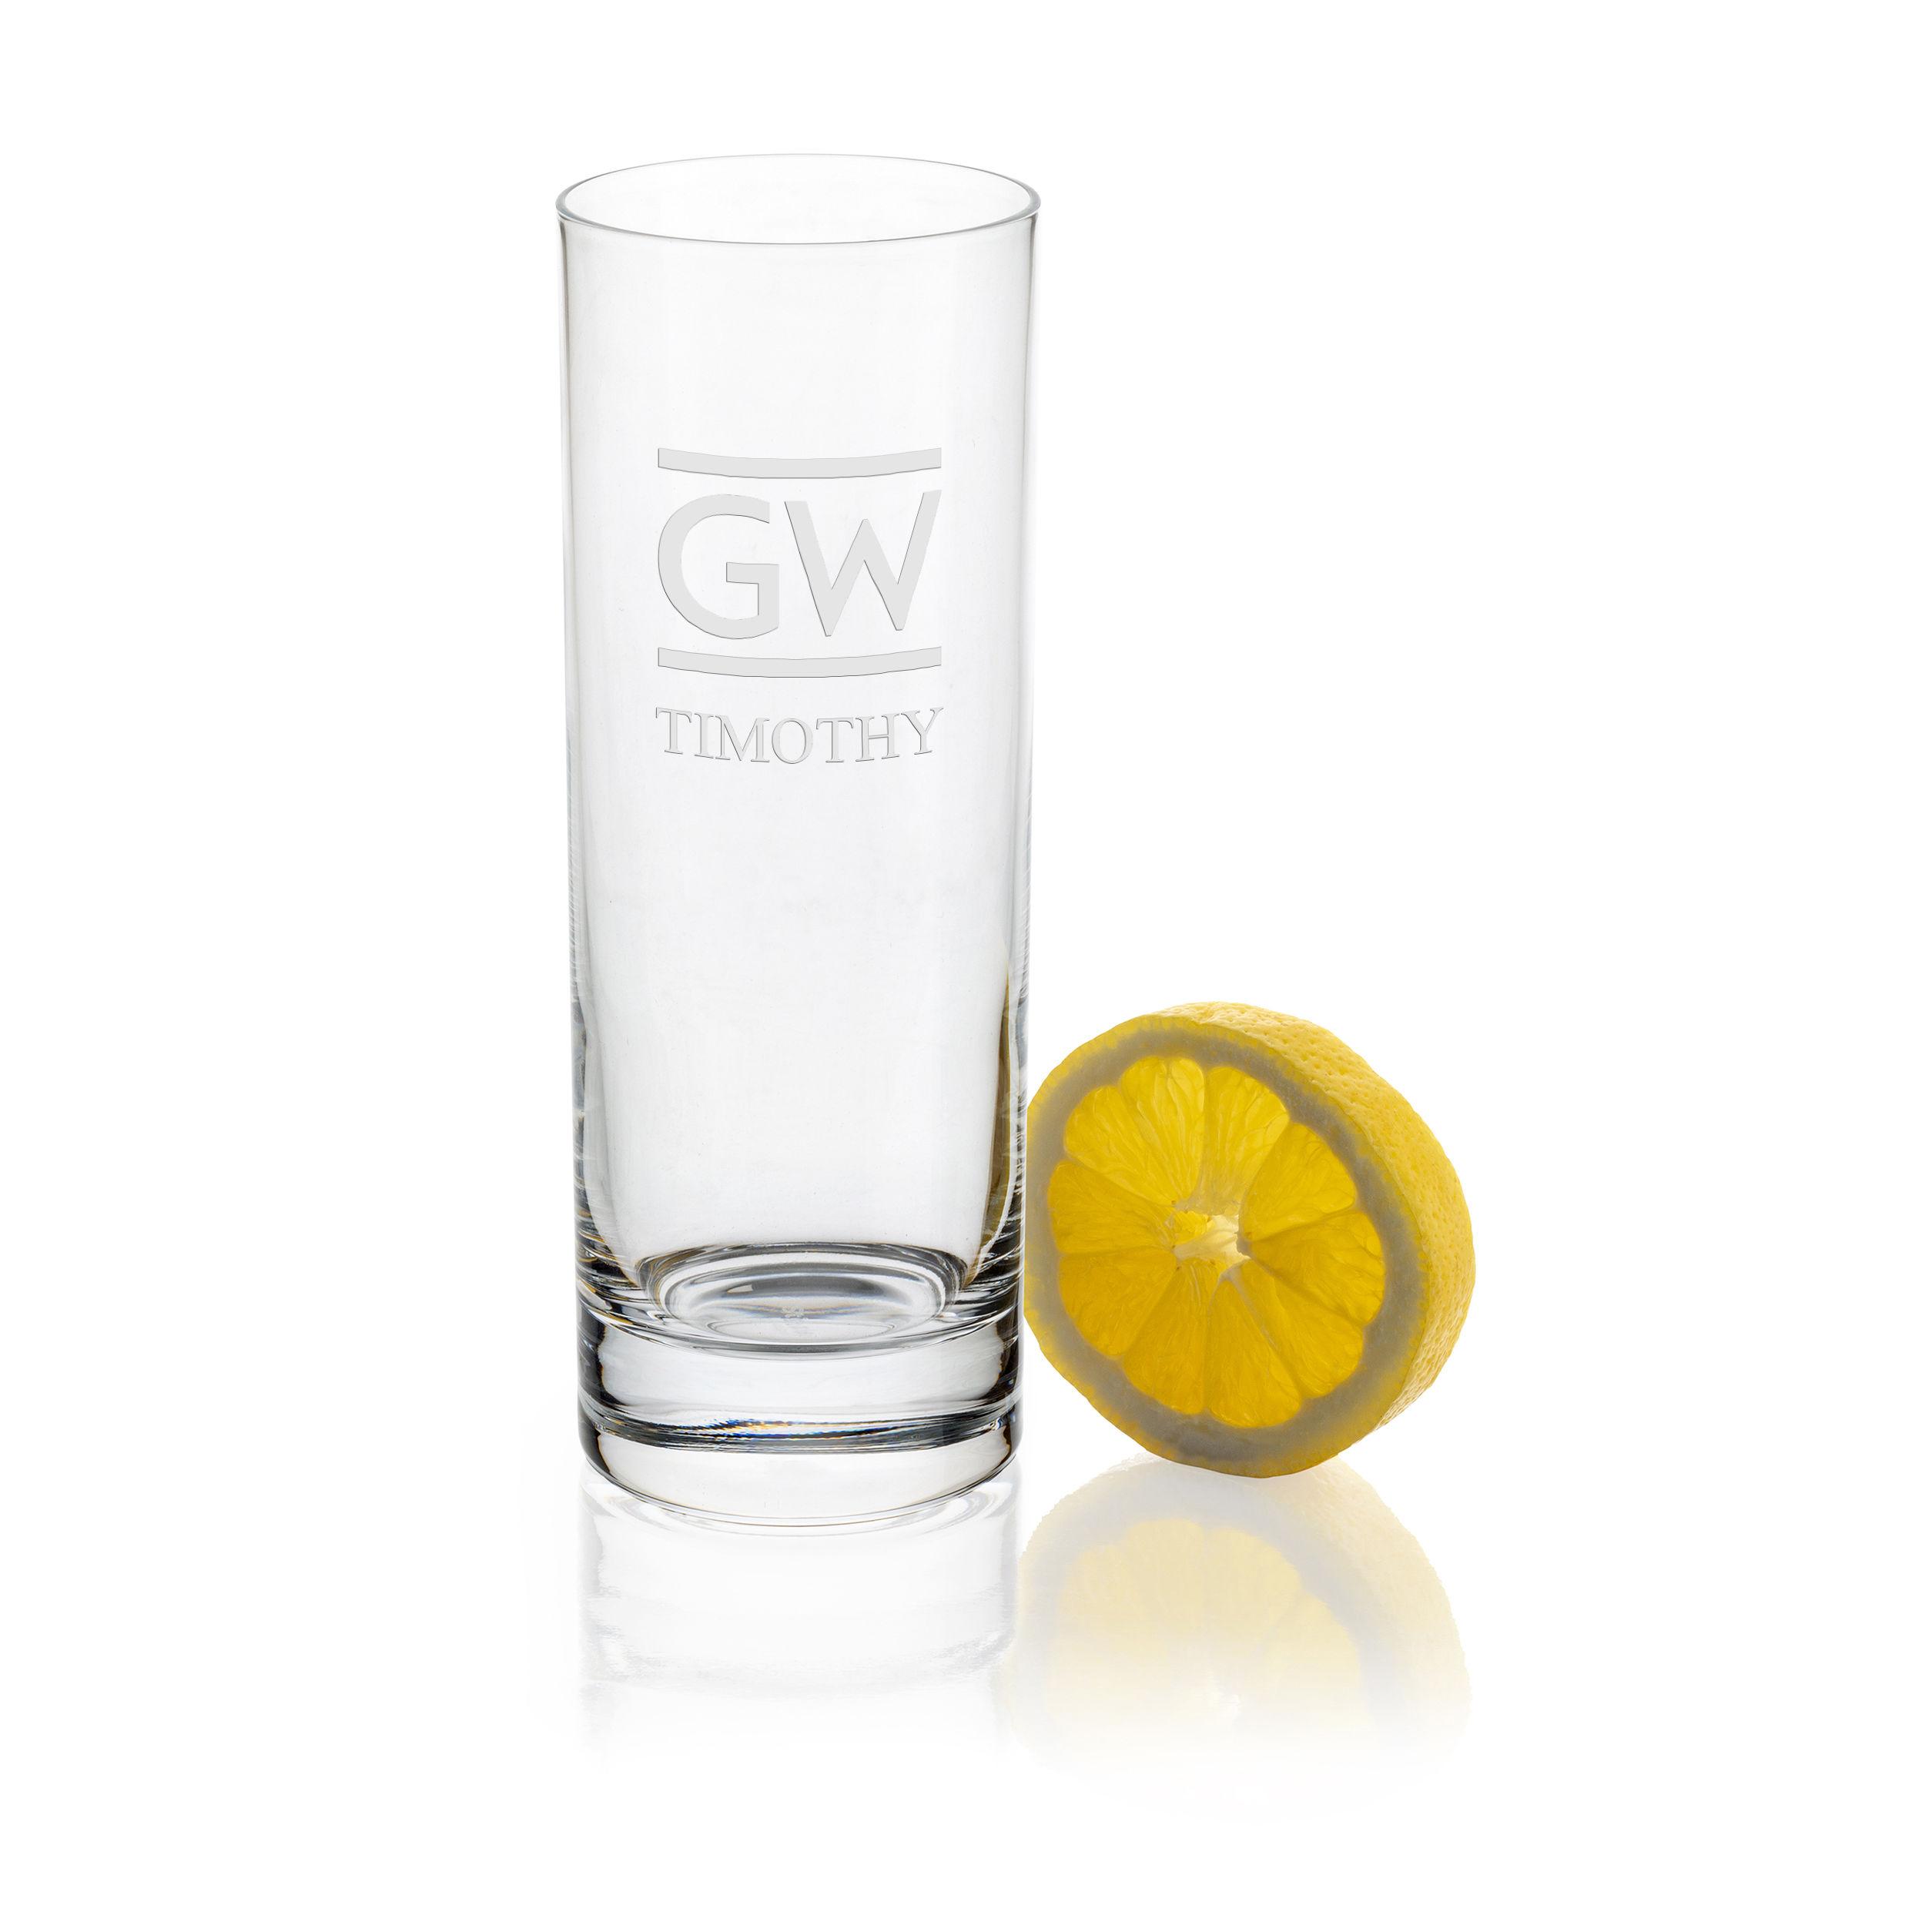 George Washington University Iced Beverage Glasses - Set of 2